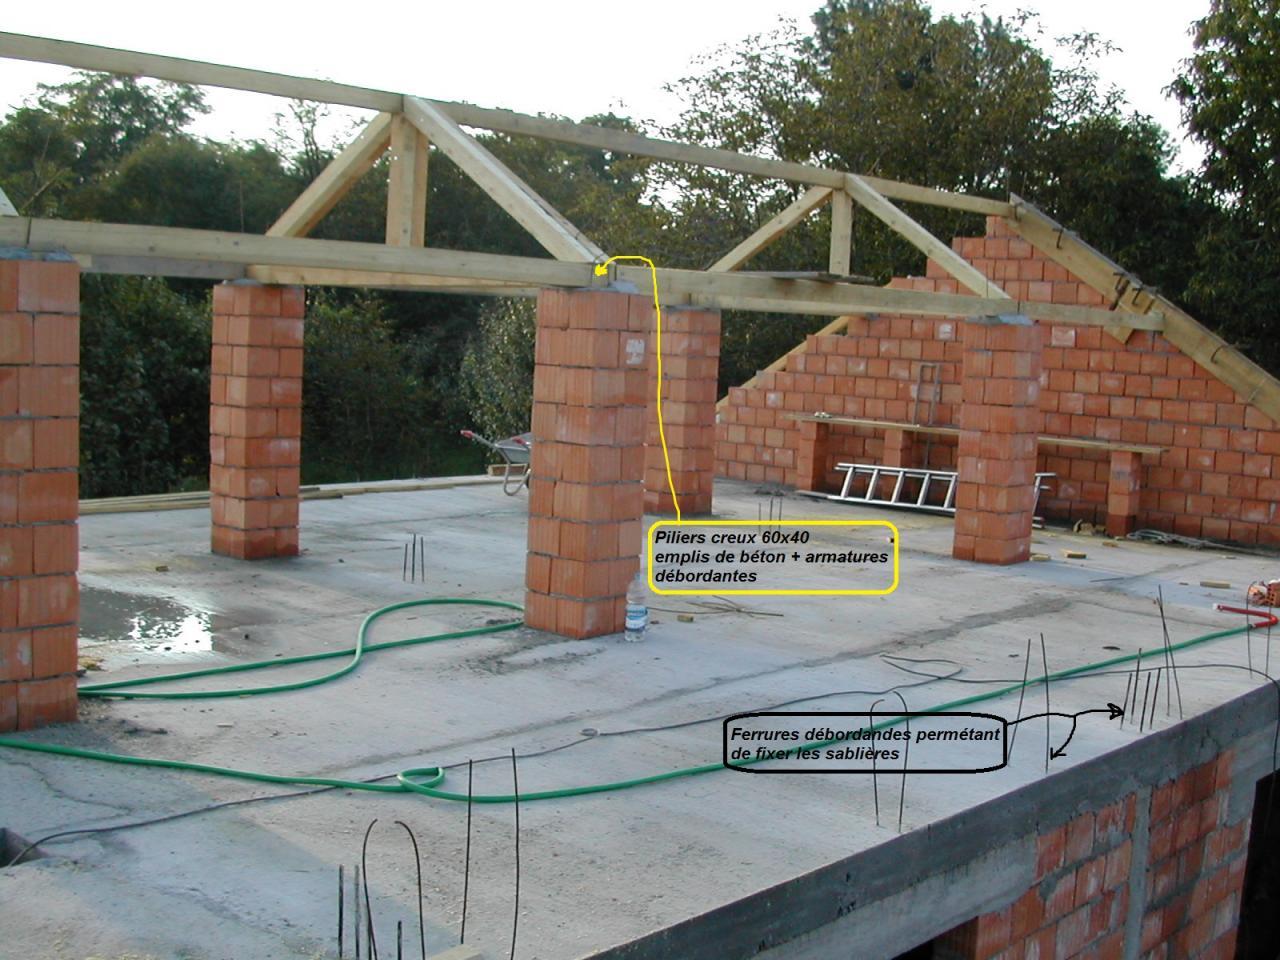 Construire sa maison soi meme - Refaire sa toiture soi meme ...